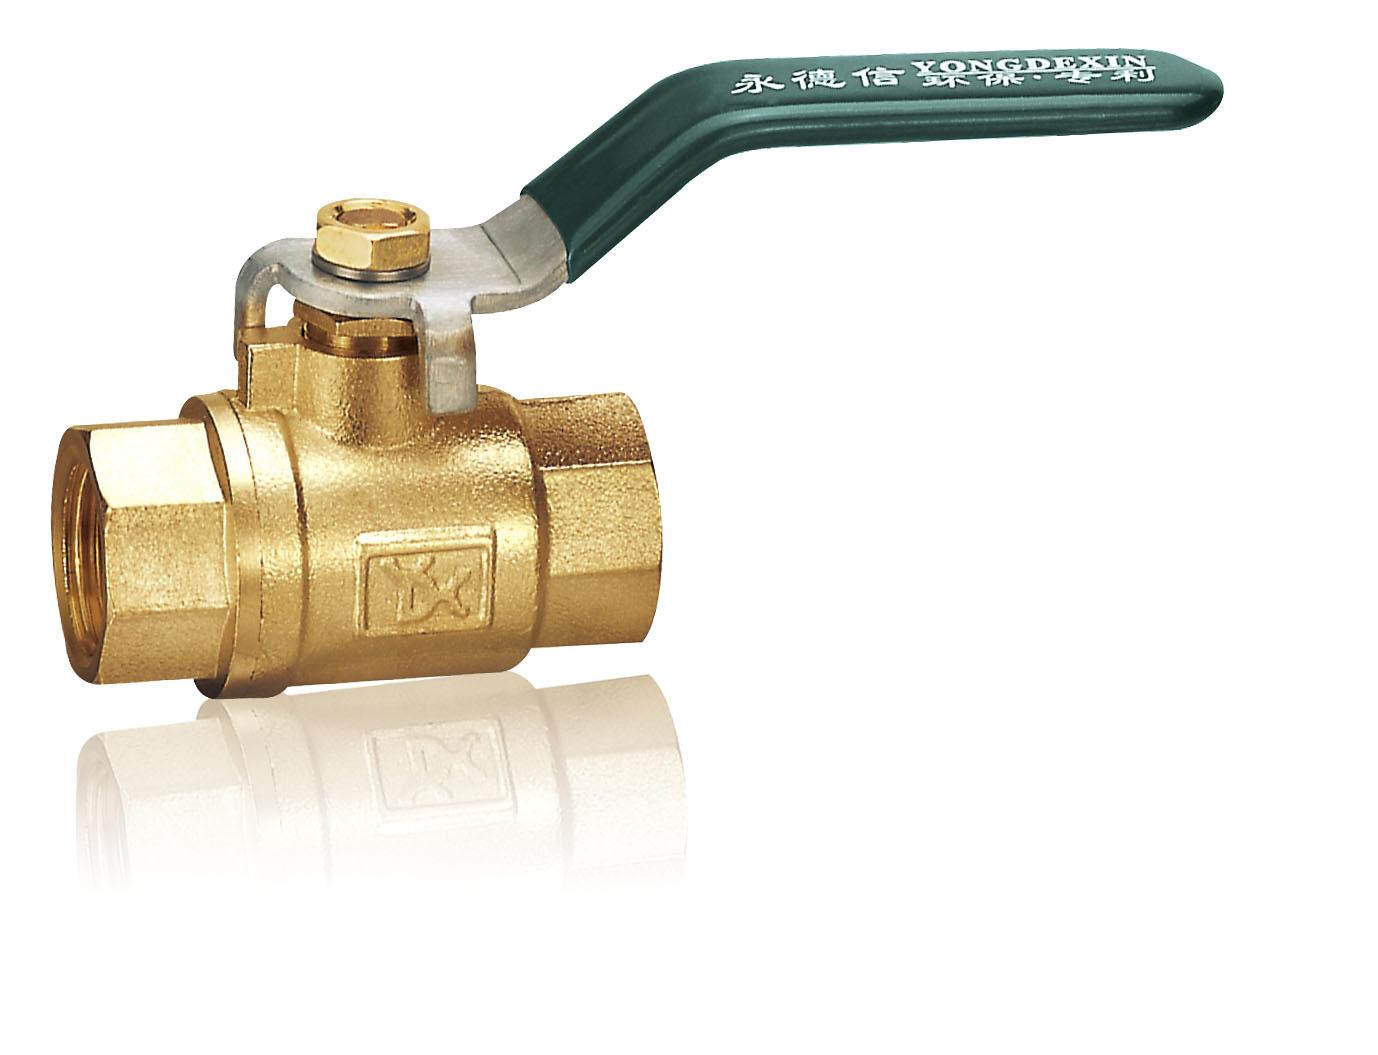 球閥價格蝶閥規格-價格適中的球閥是由新世紀水暖器材提供